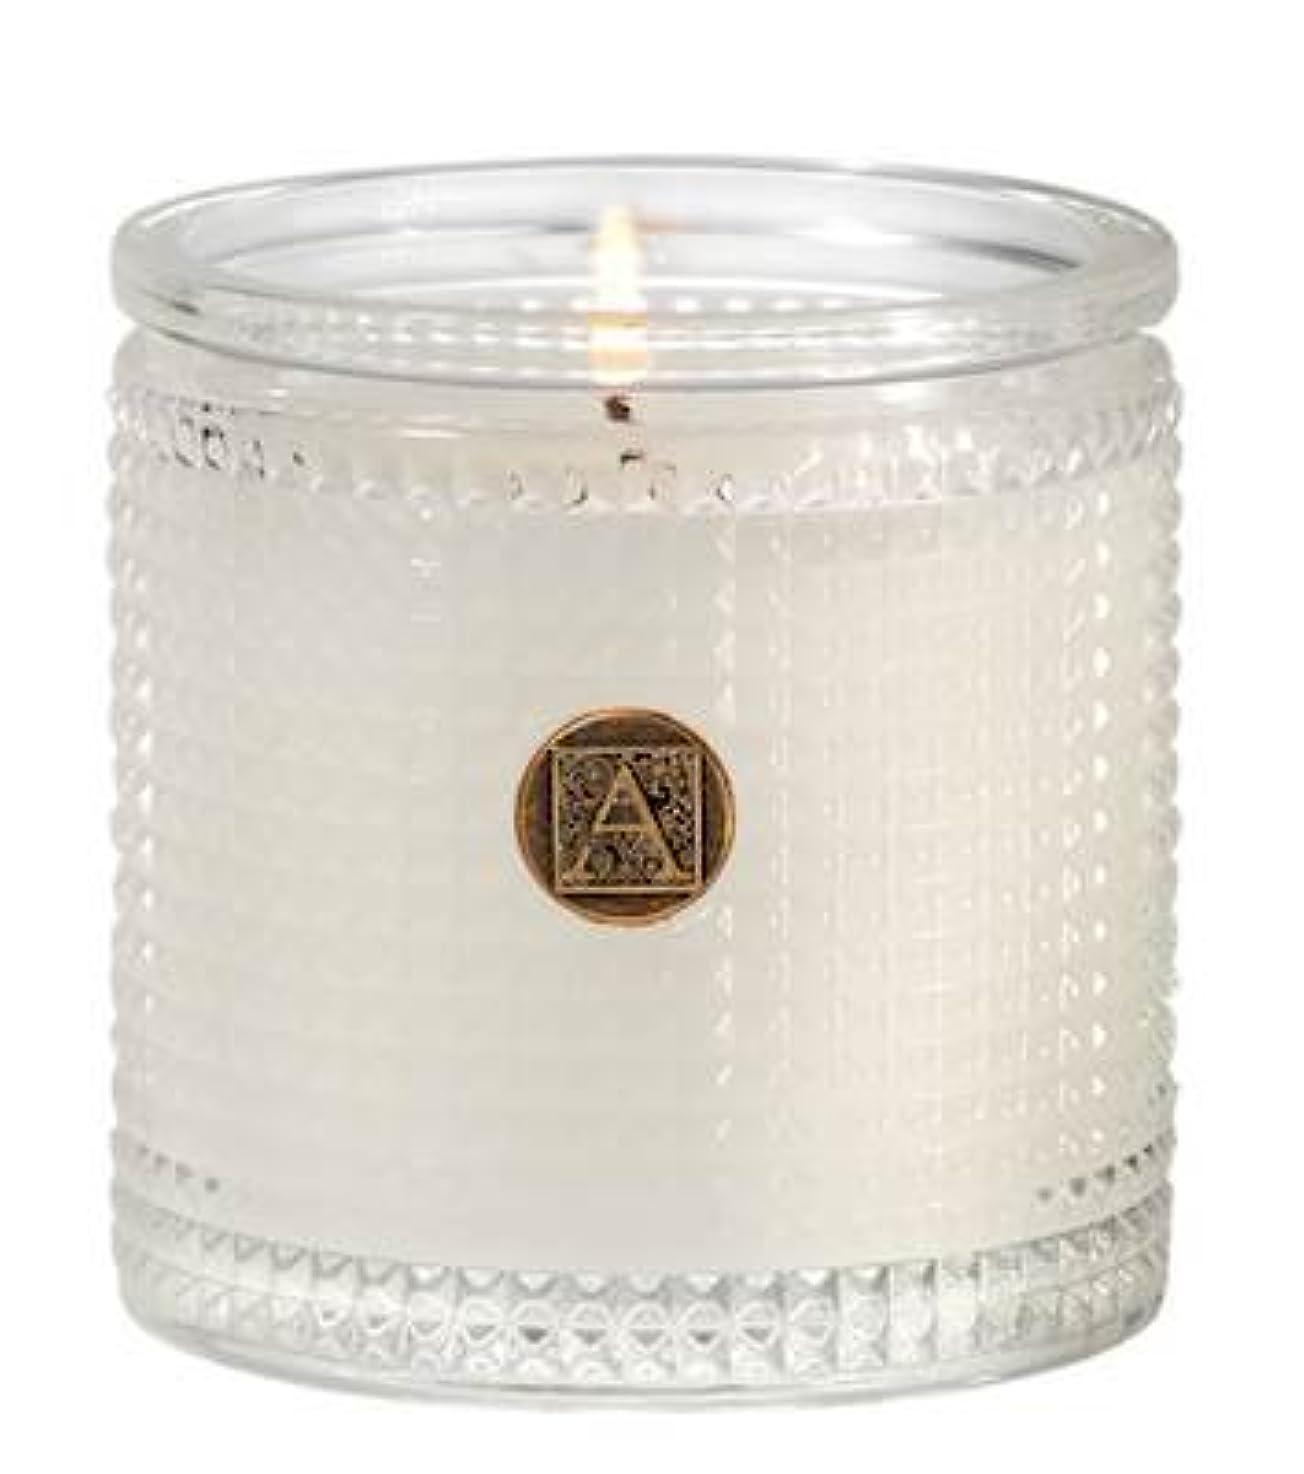 ゴム実装する有限Aromatique BourbonベルガモットTexturedガラス香りつきJar Candle